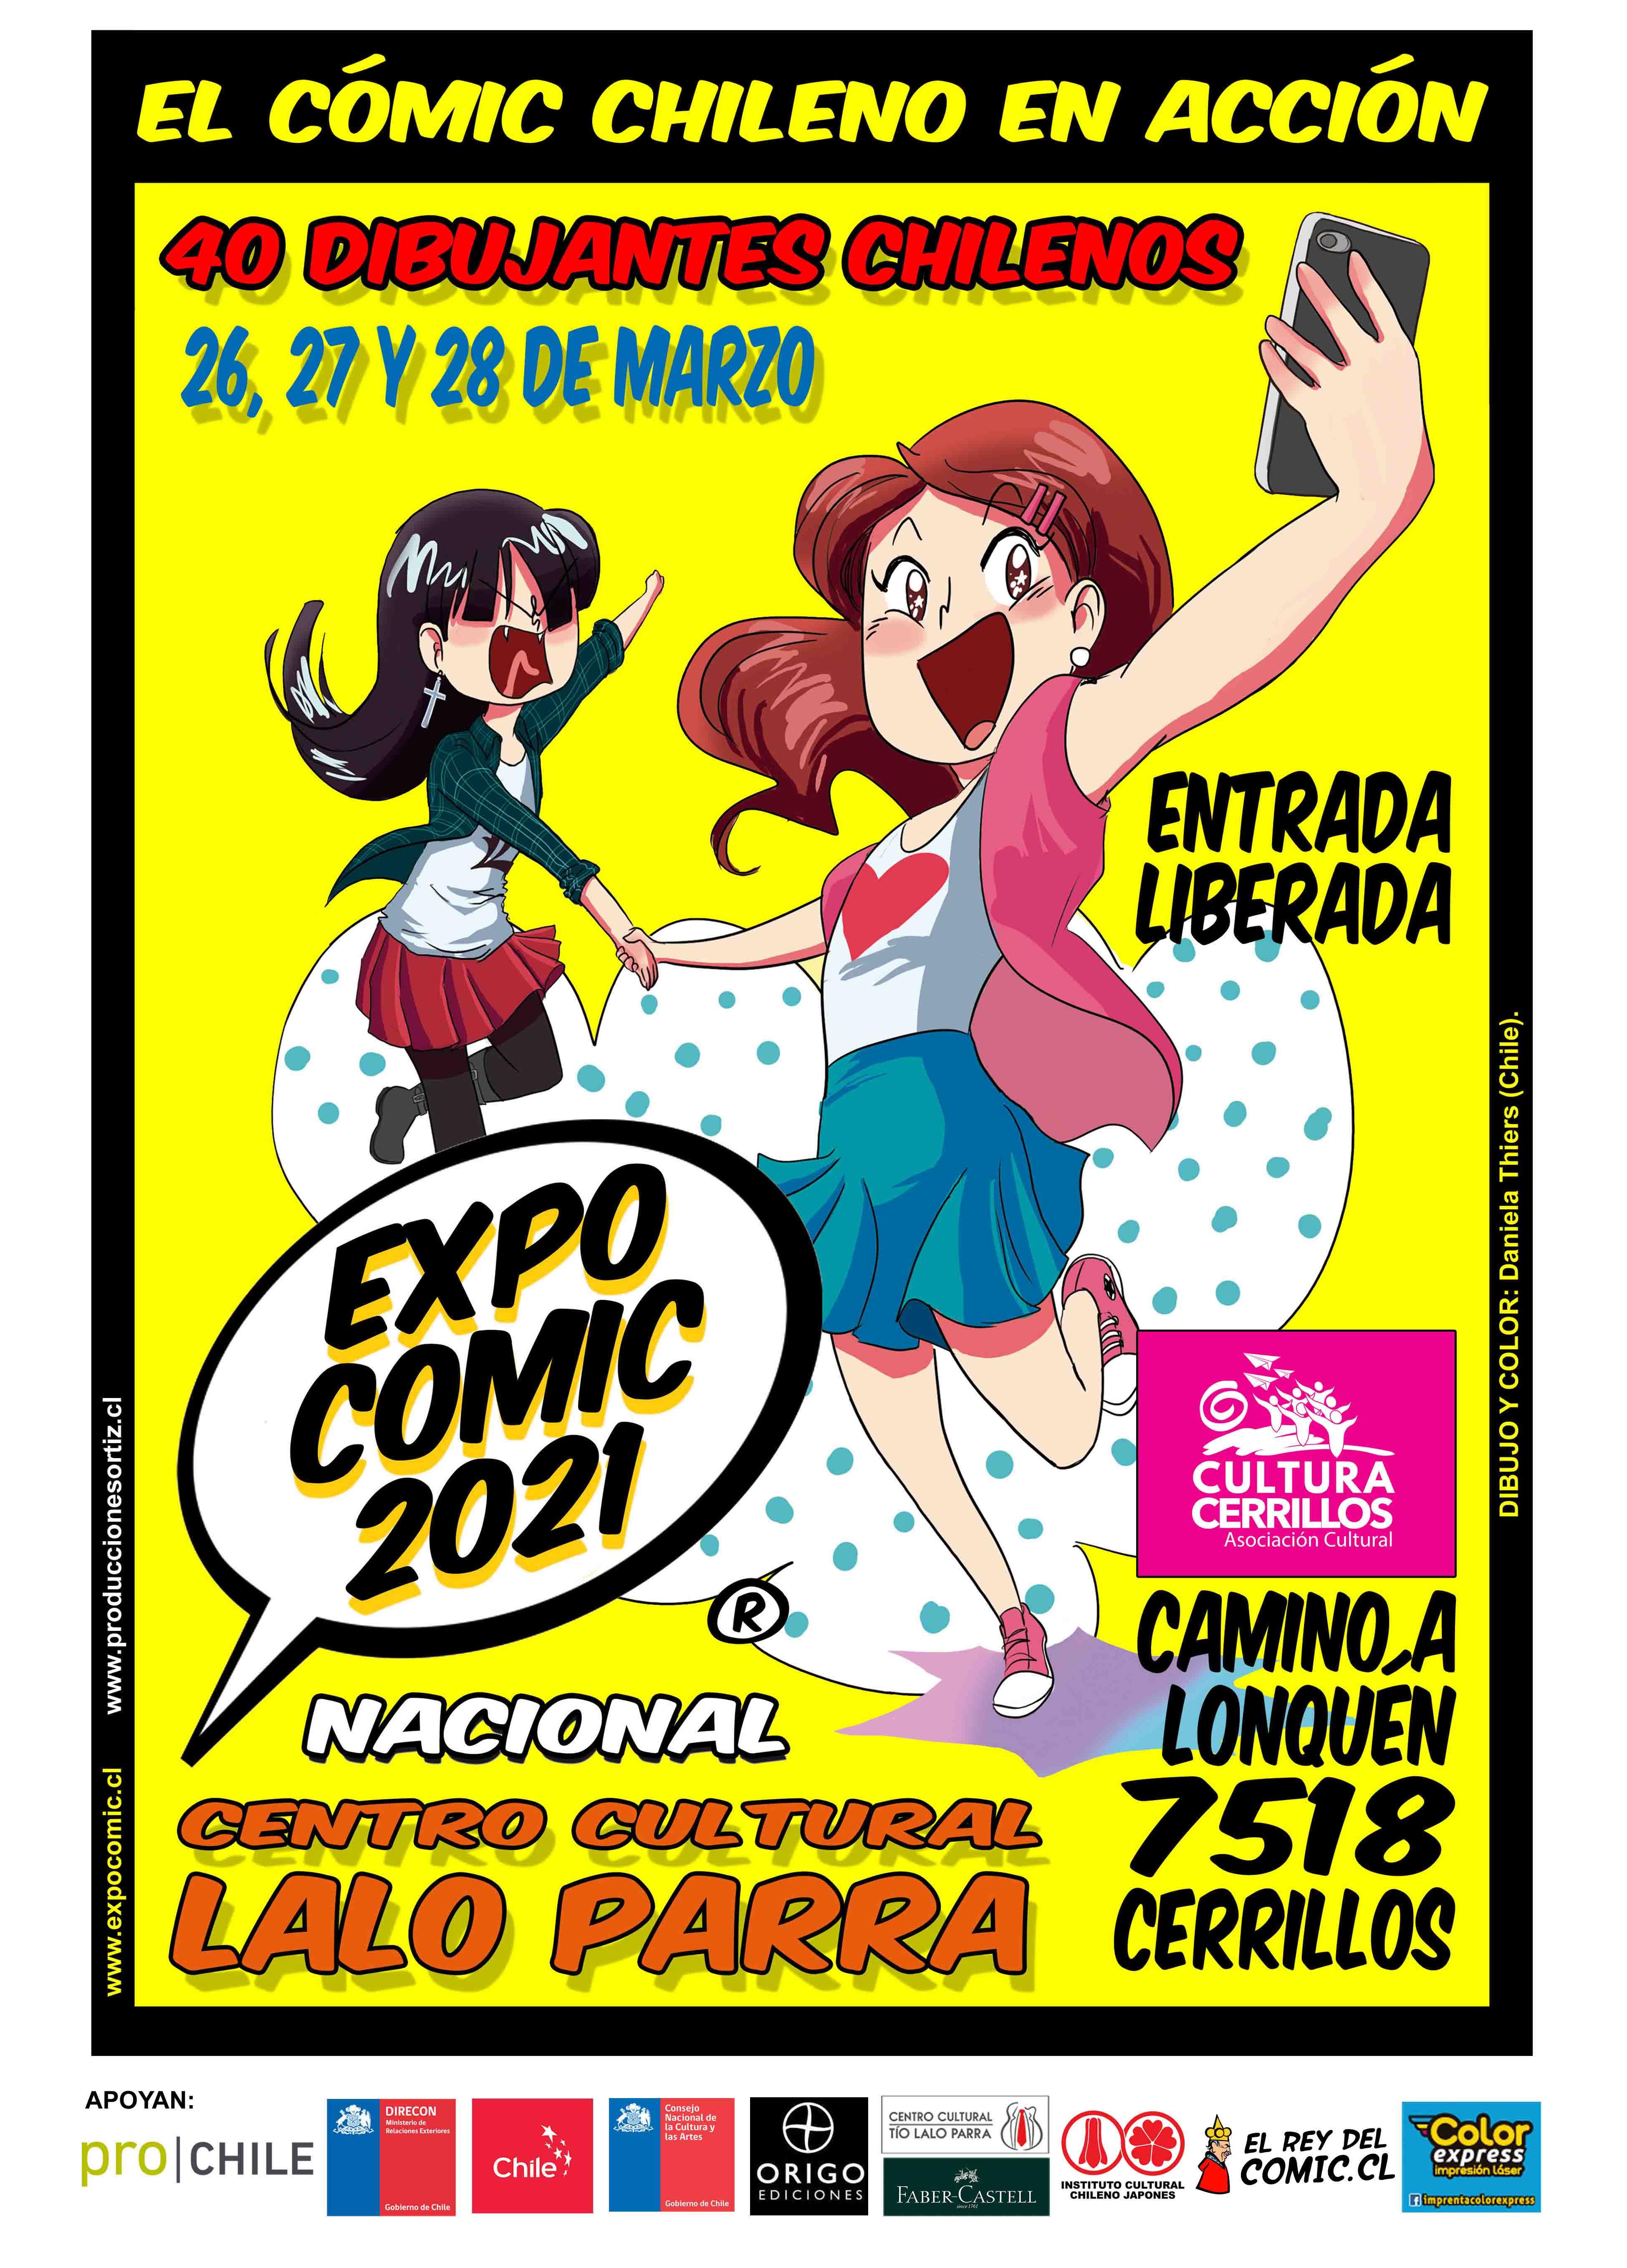 afiche EXPO-COMIC 2021 nac LALO con logos BAJA